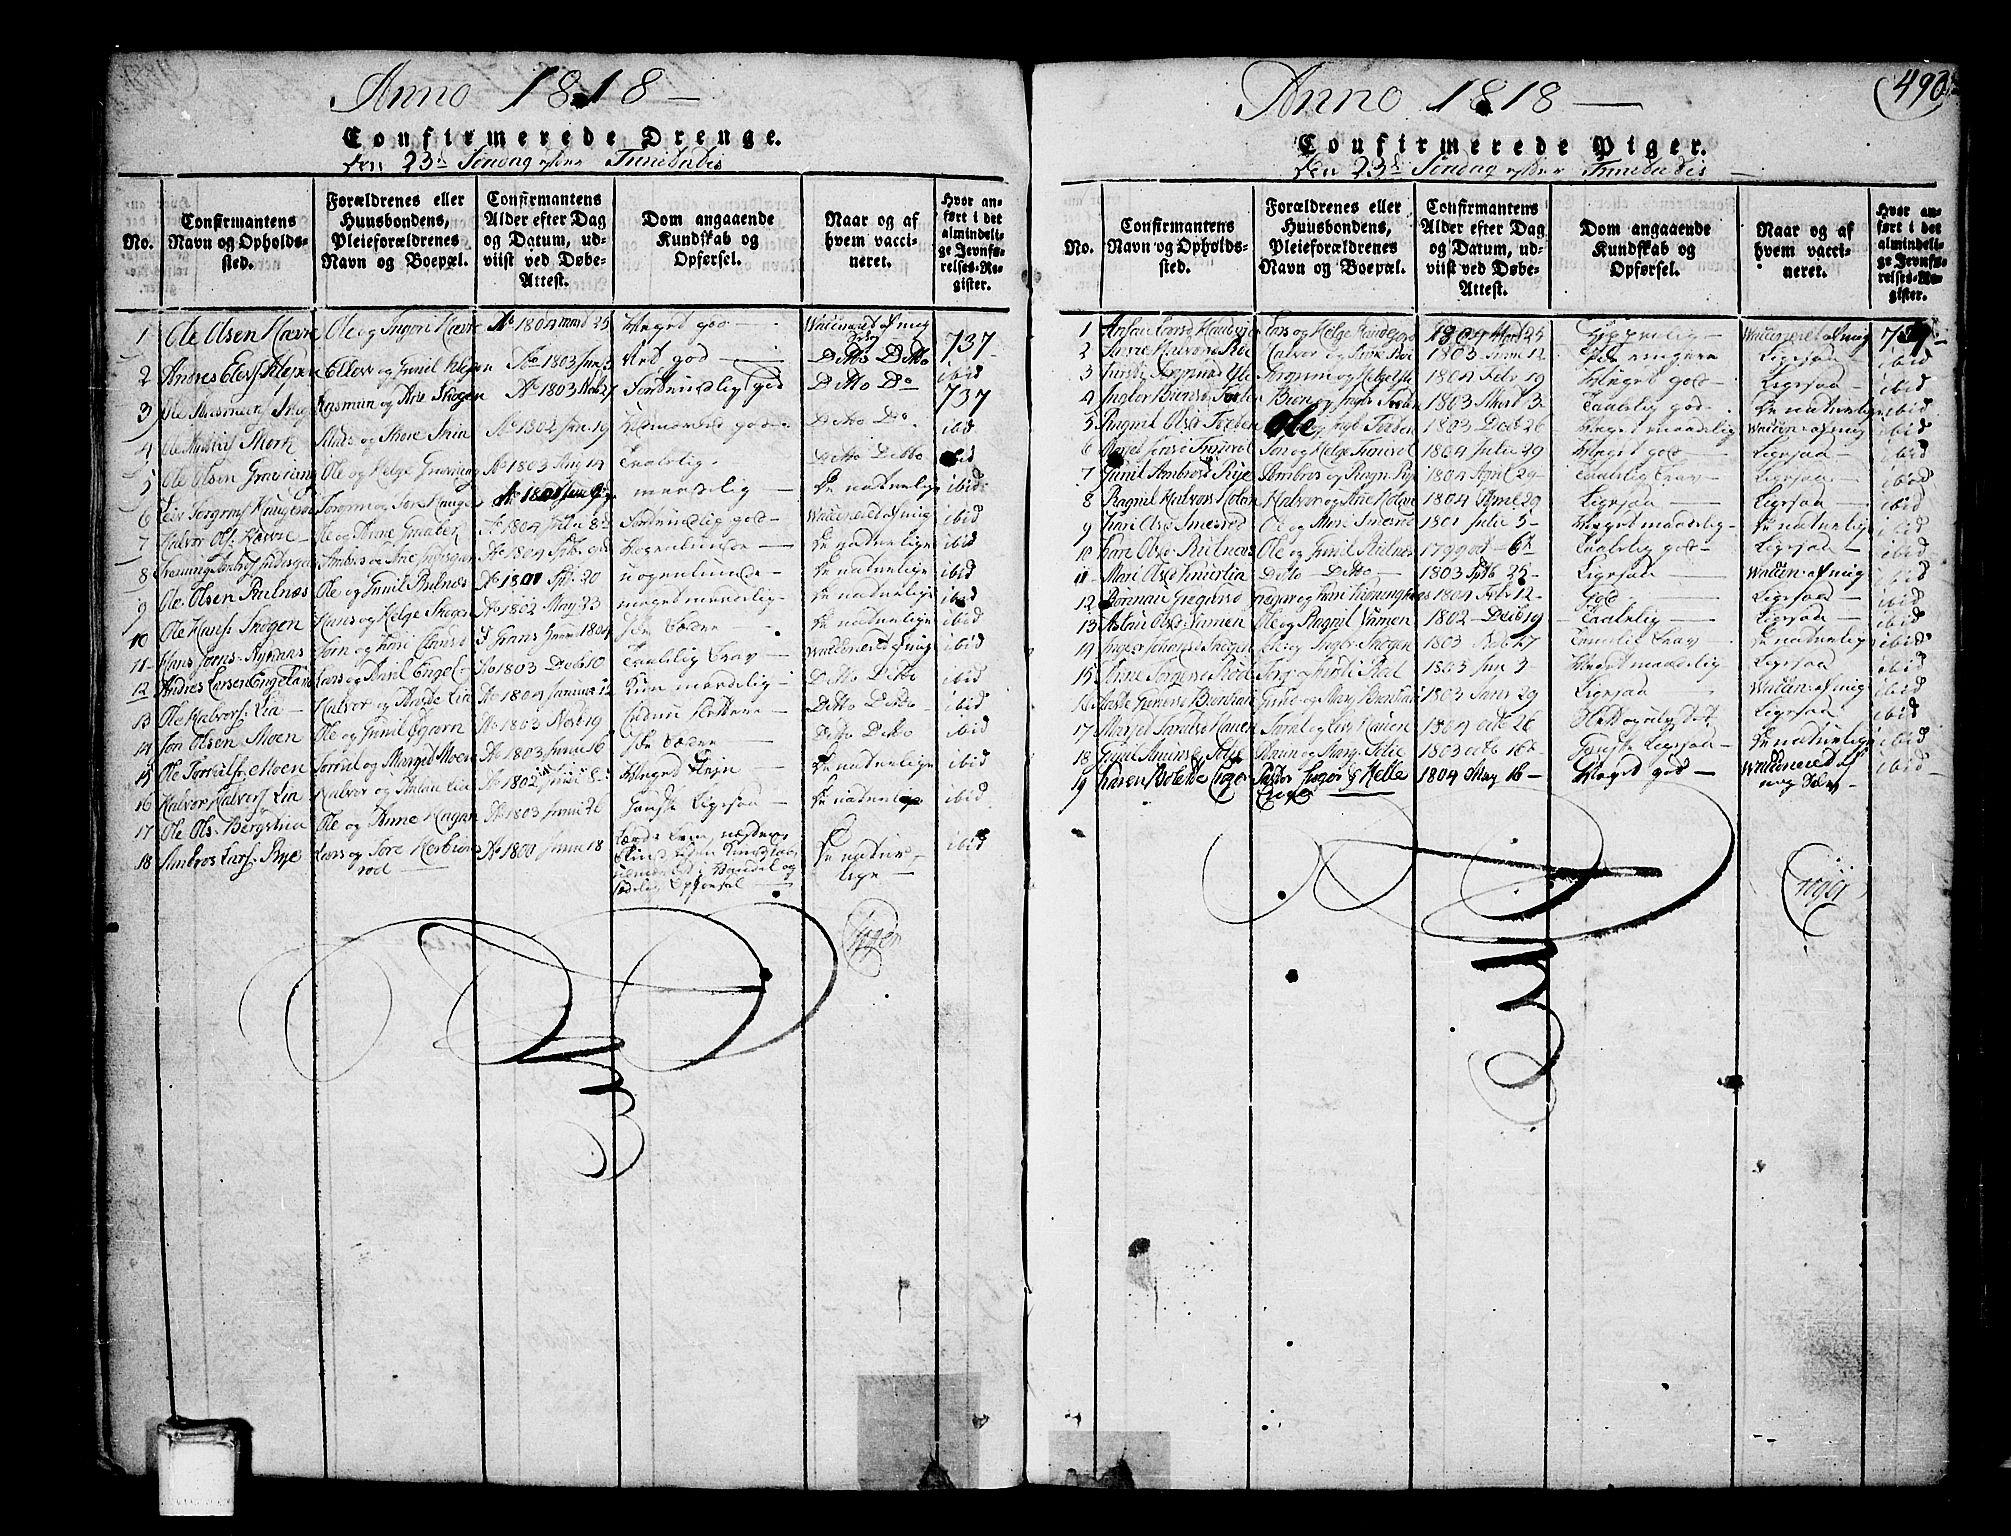 SAKO, Heddal kirkebøker, F/Fa/L0005: Ministerialbok nr. I 5, 1814-1837, s. 489-490